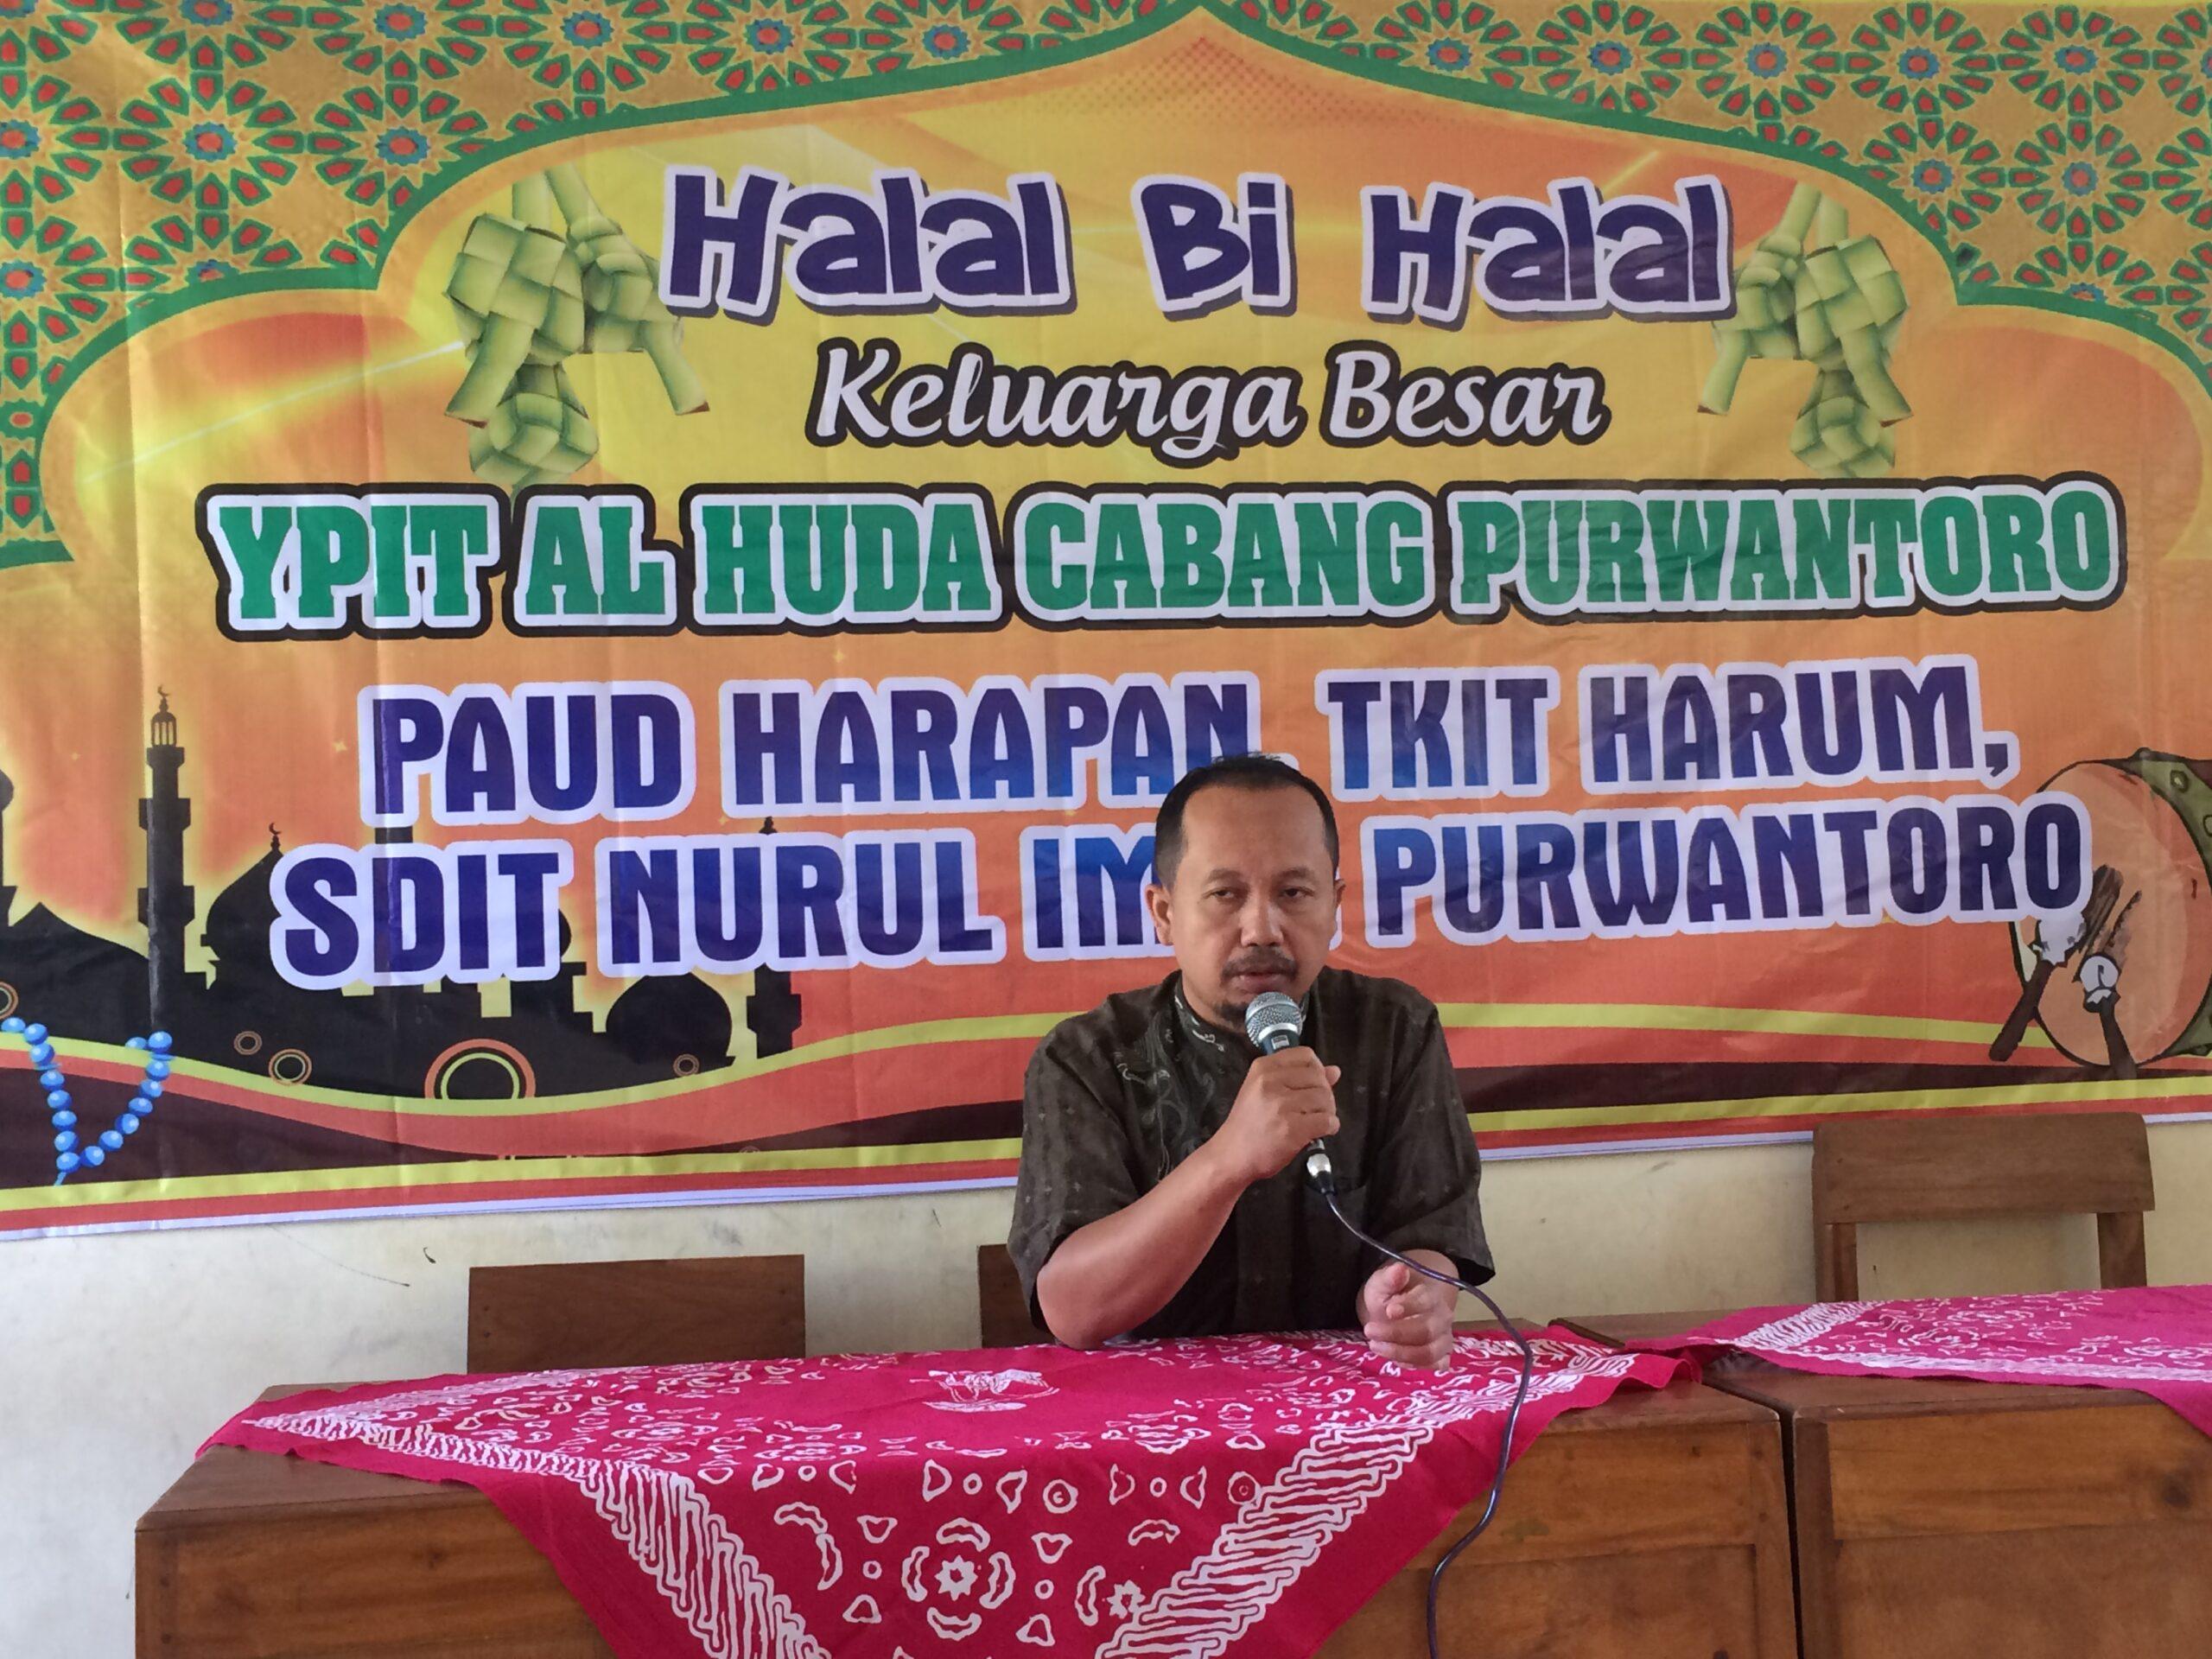 Halal bi halal Keluarga Besar YPIT Al Huda Wonogiri Cab. Purwantoro